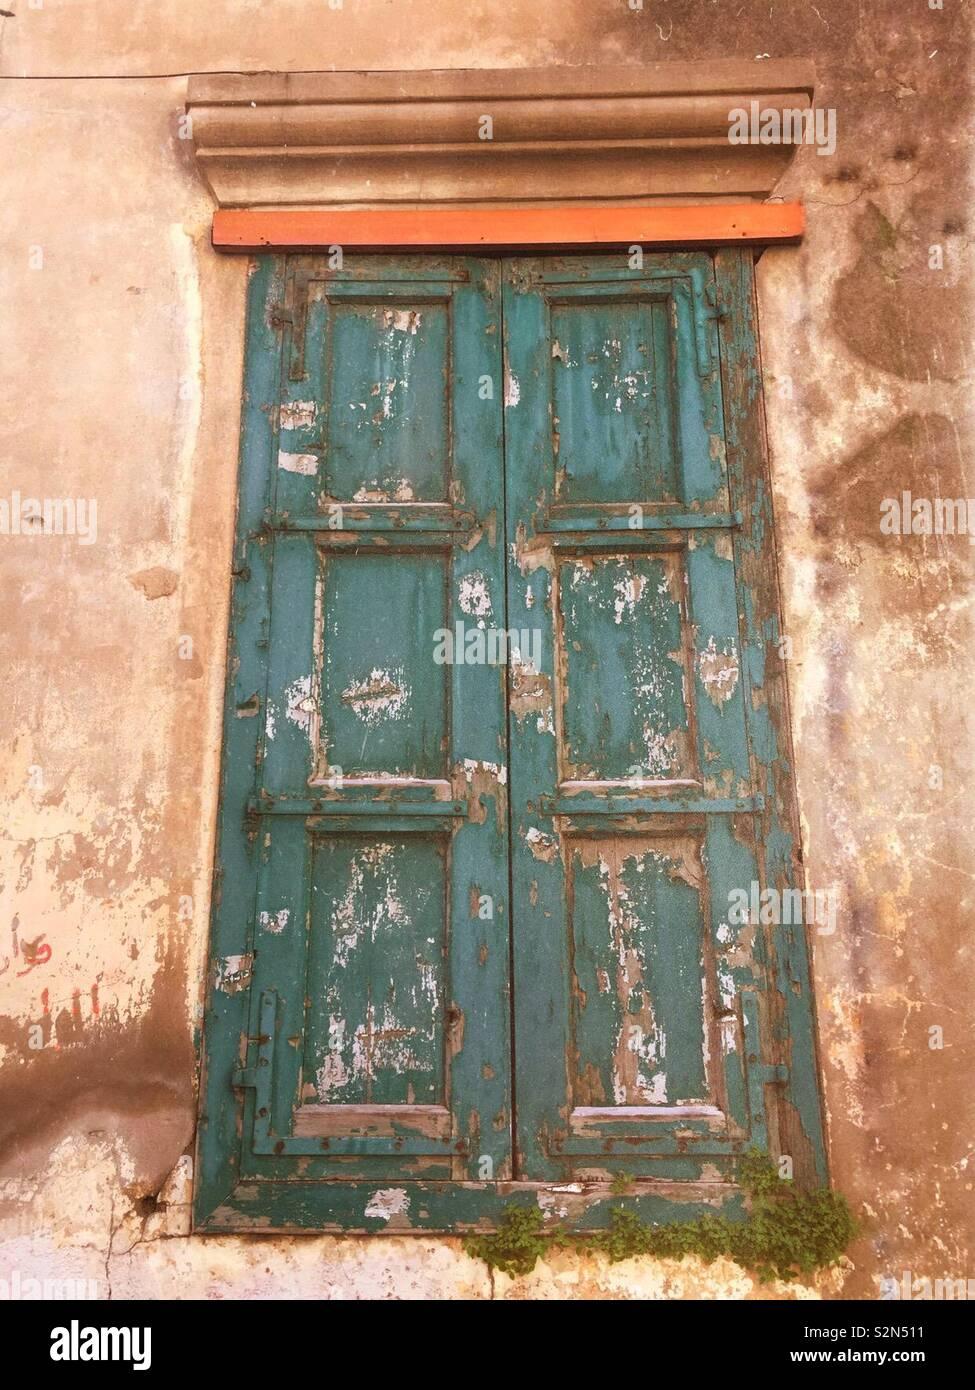 Derelict window shutters - Stock Image